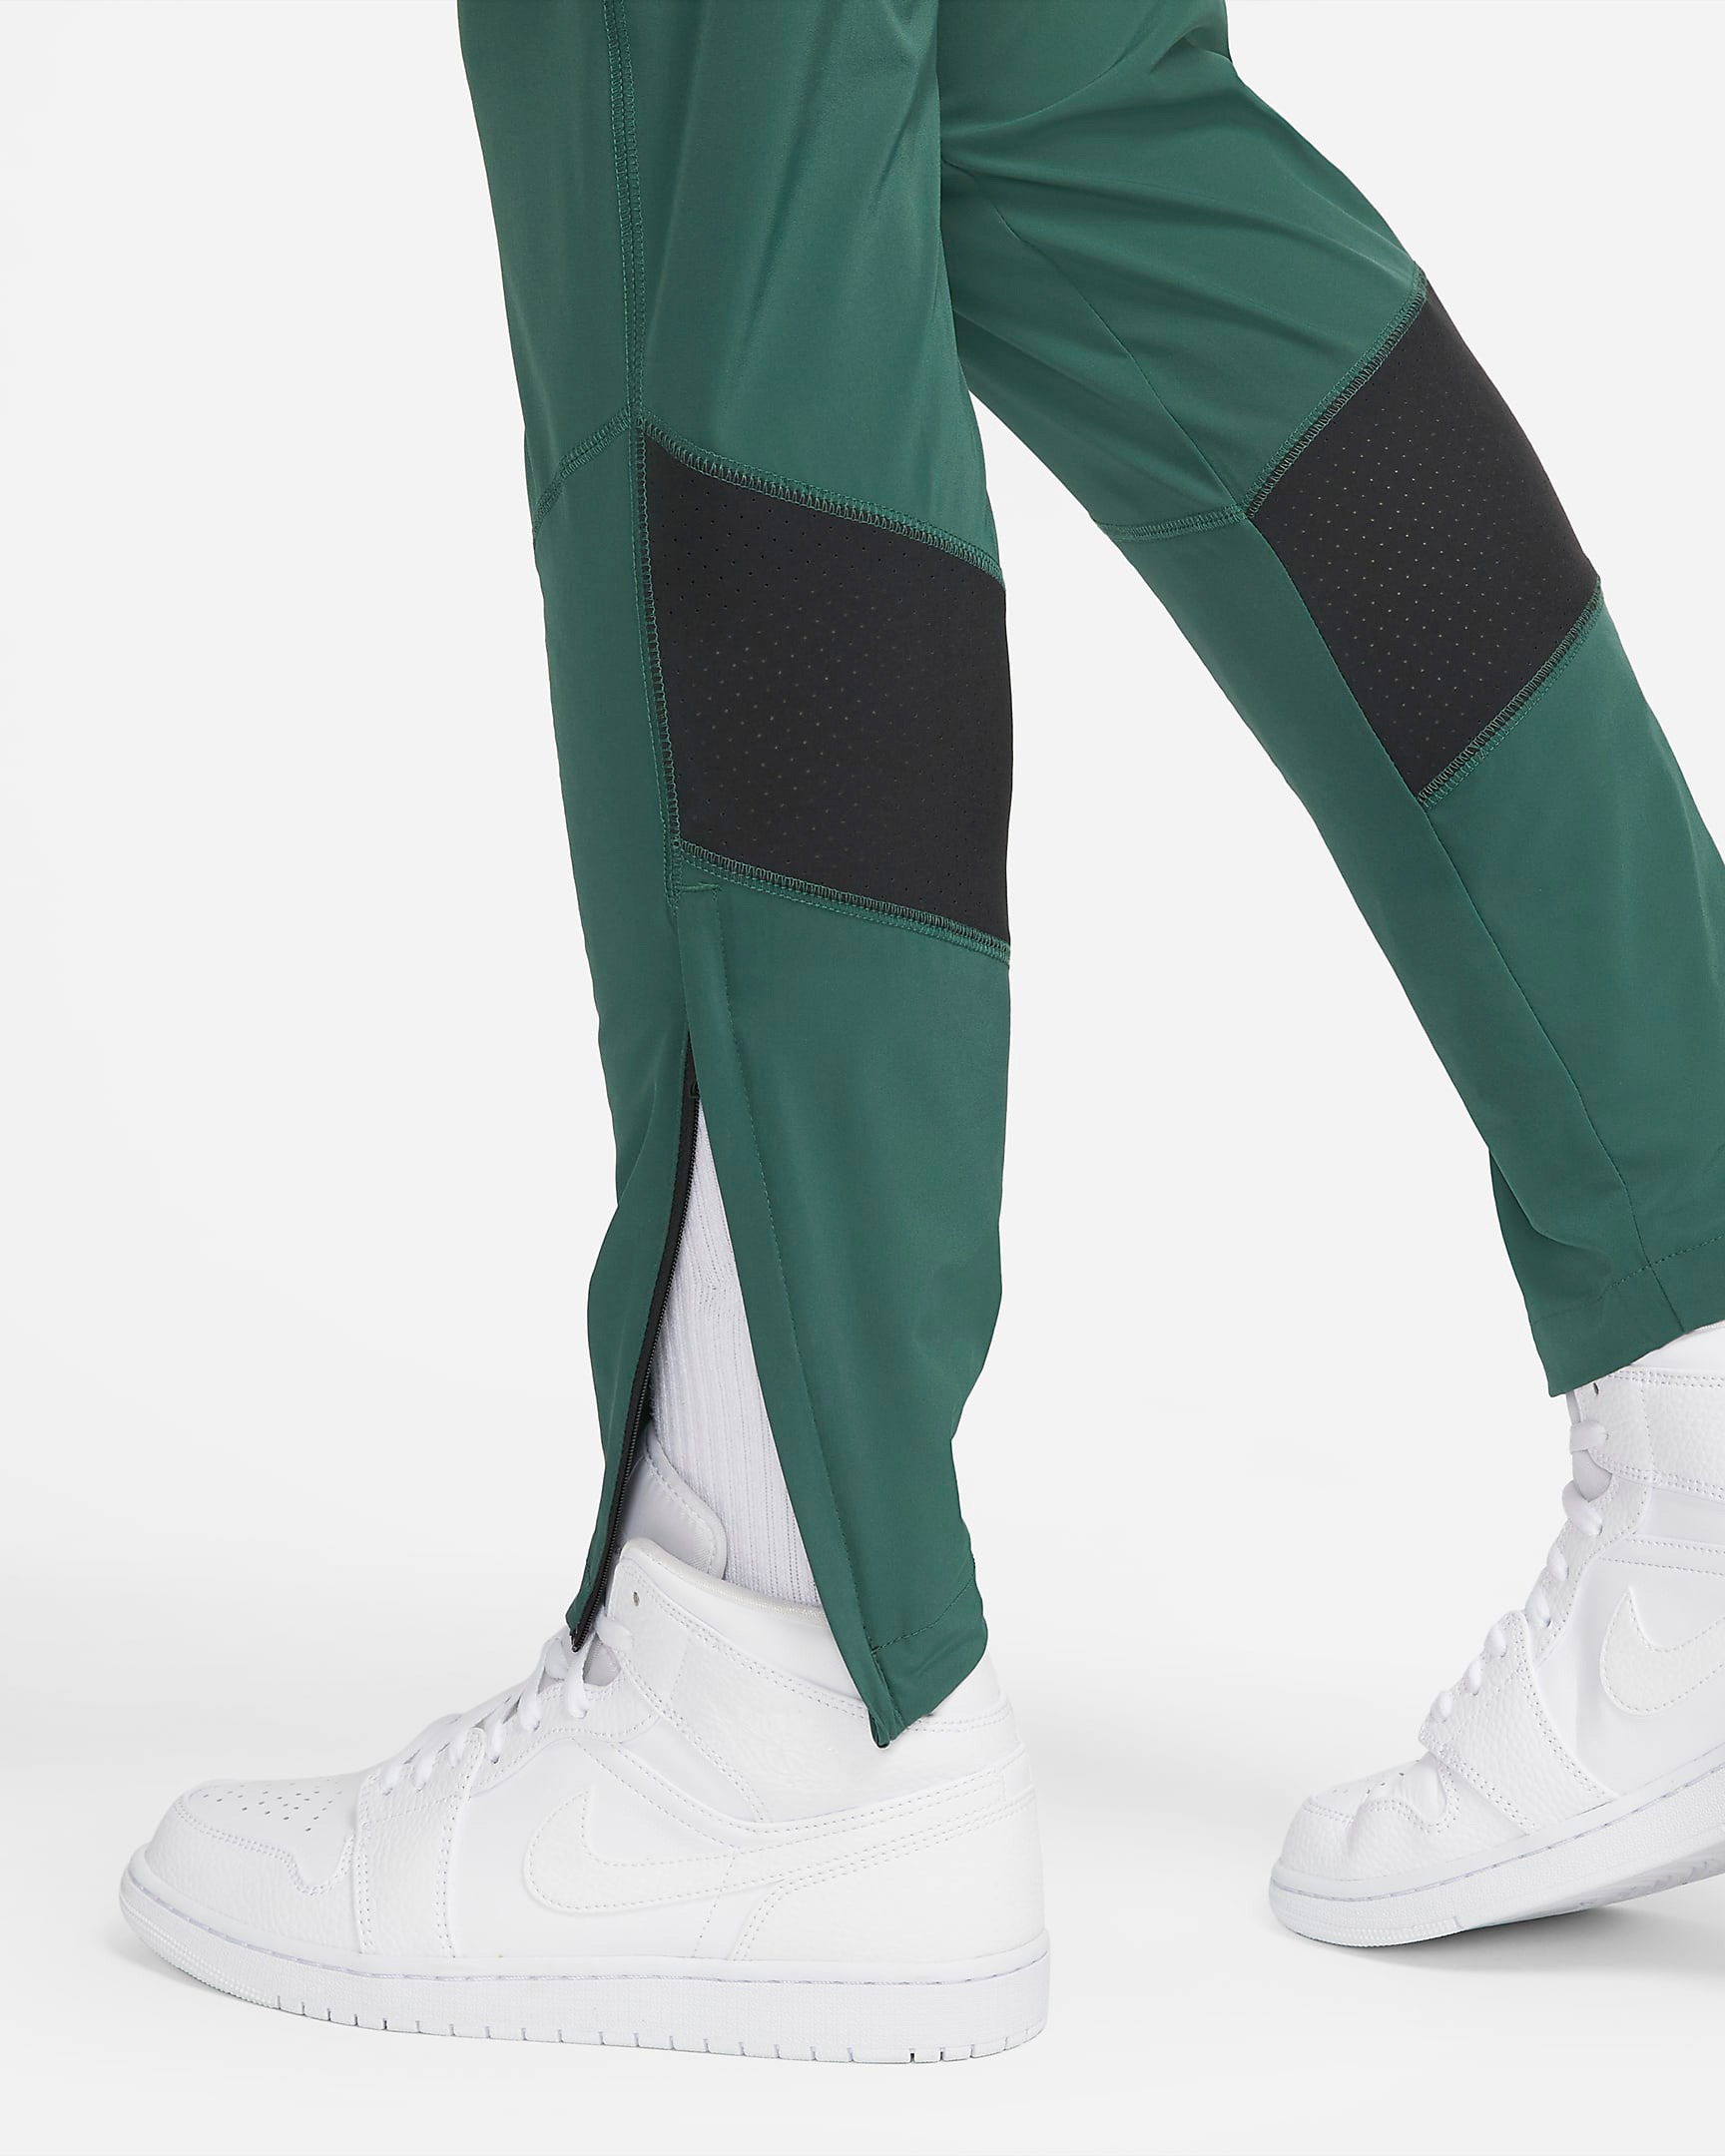 jordan-noble-green-air-statetment-pants-5